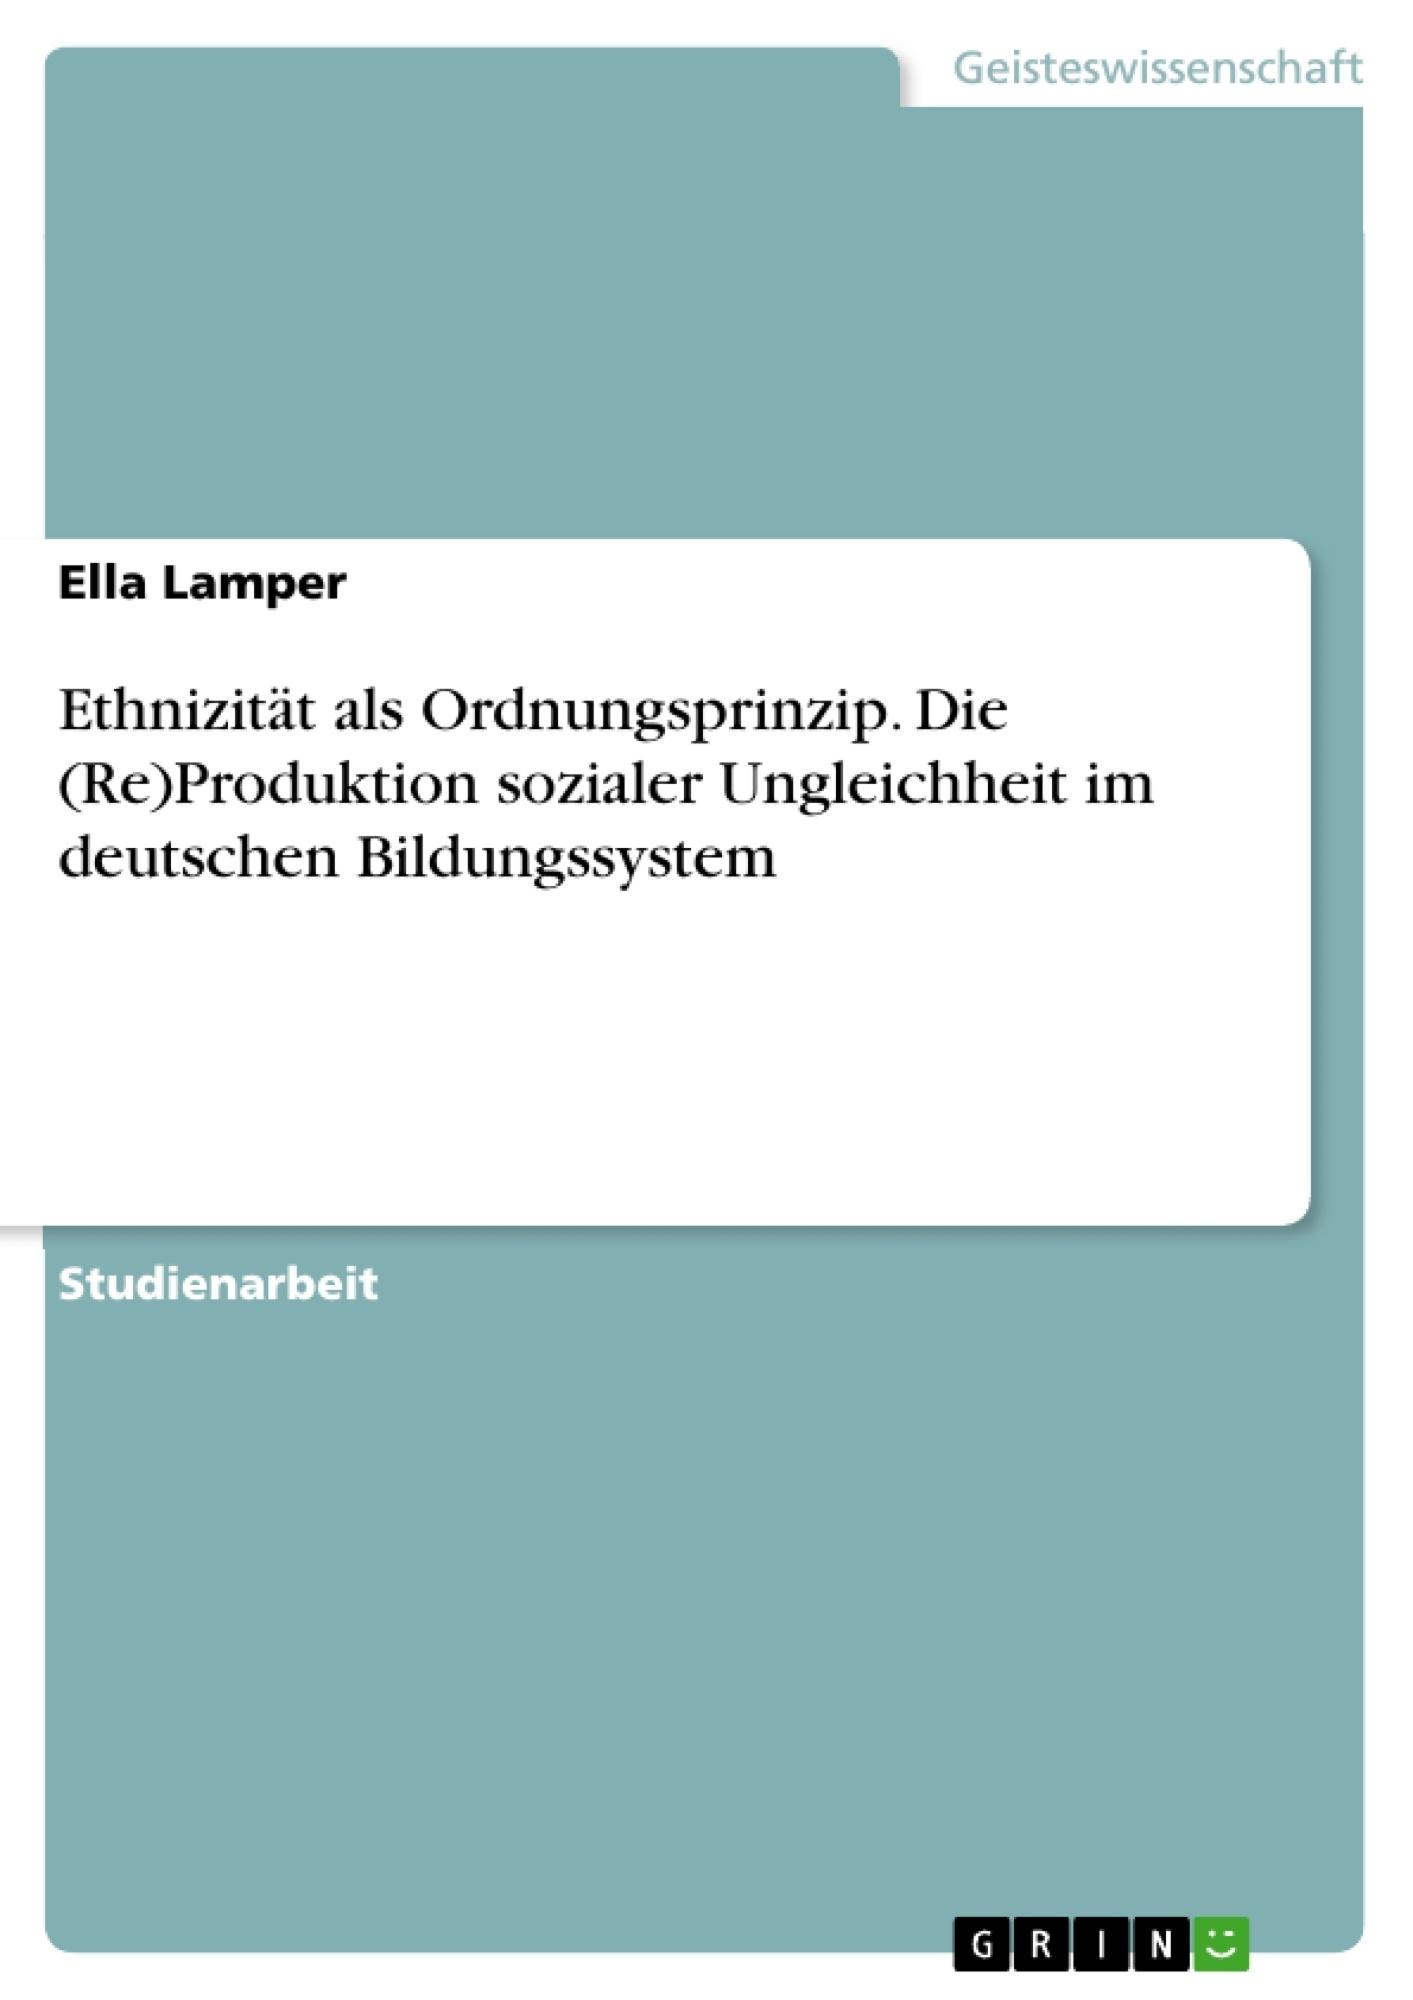 Titel: Ethnizität als Ordnungsprinzip. Die (Re)Produktion sozialer Ungleichheit im deutschen Bildungssystem